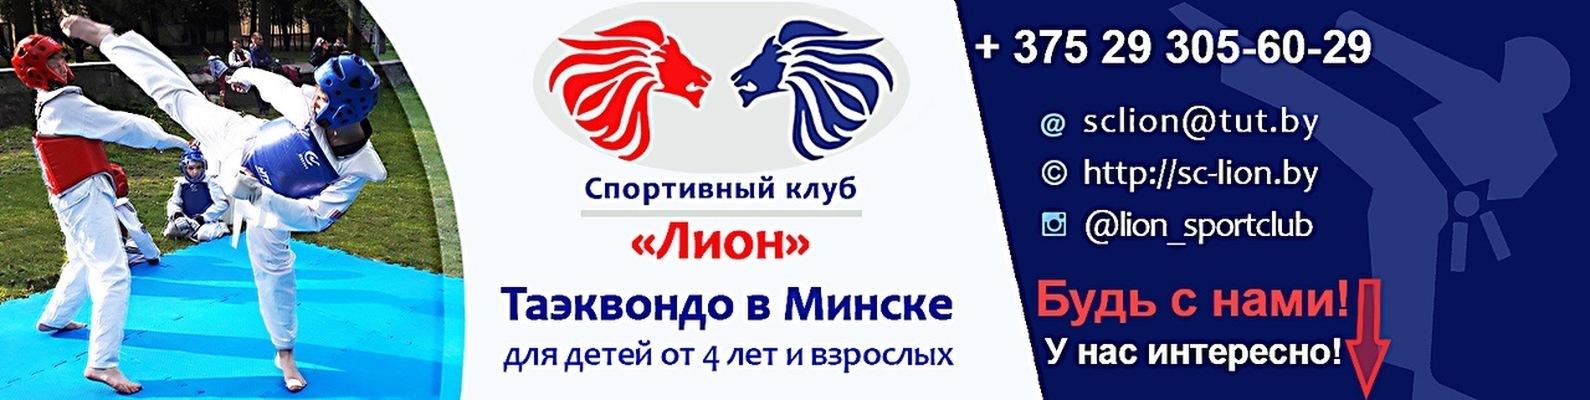 Лион официальный сайт клуба